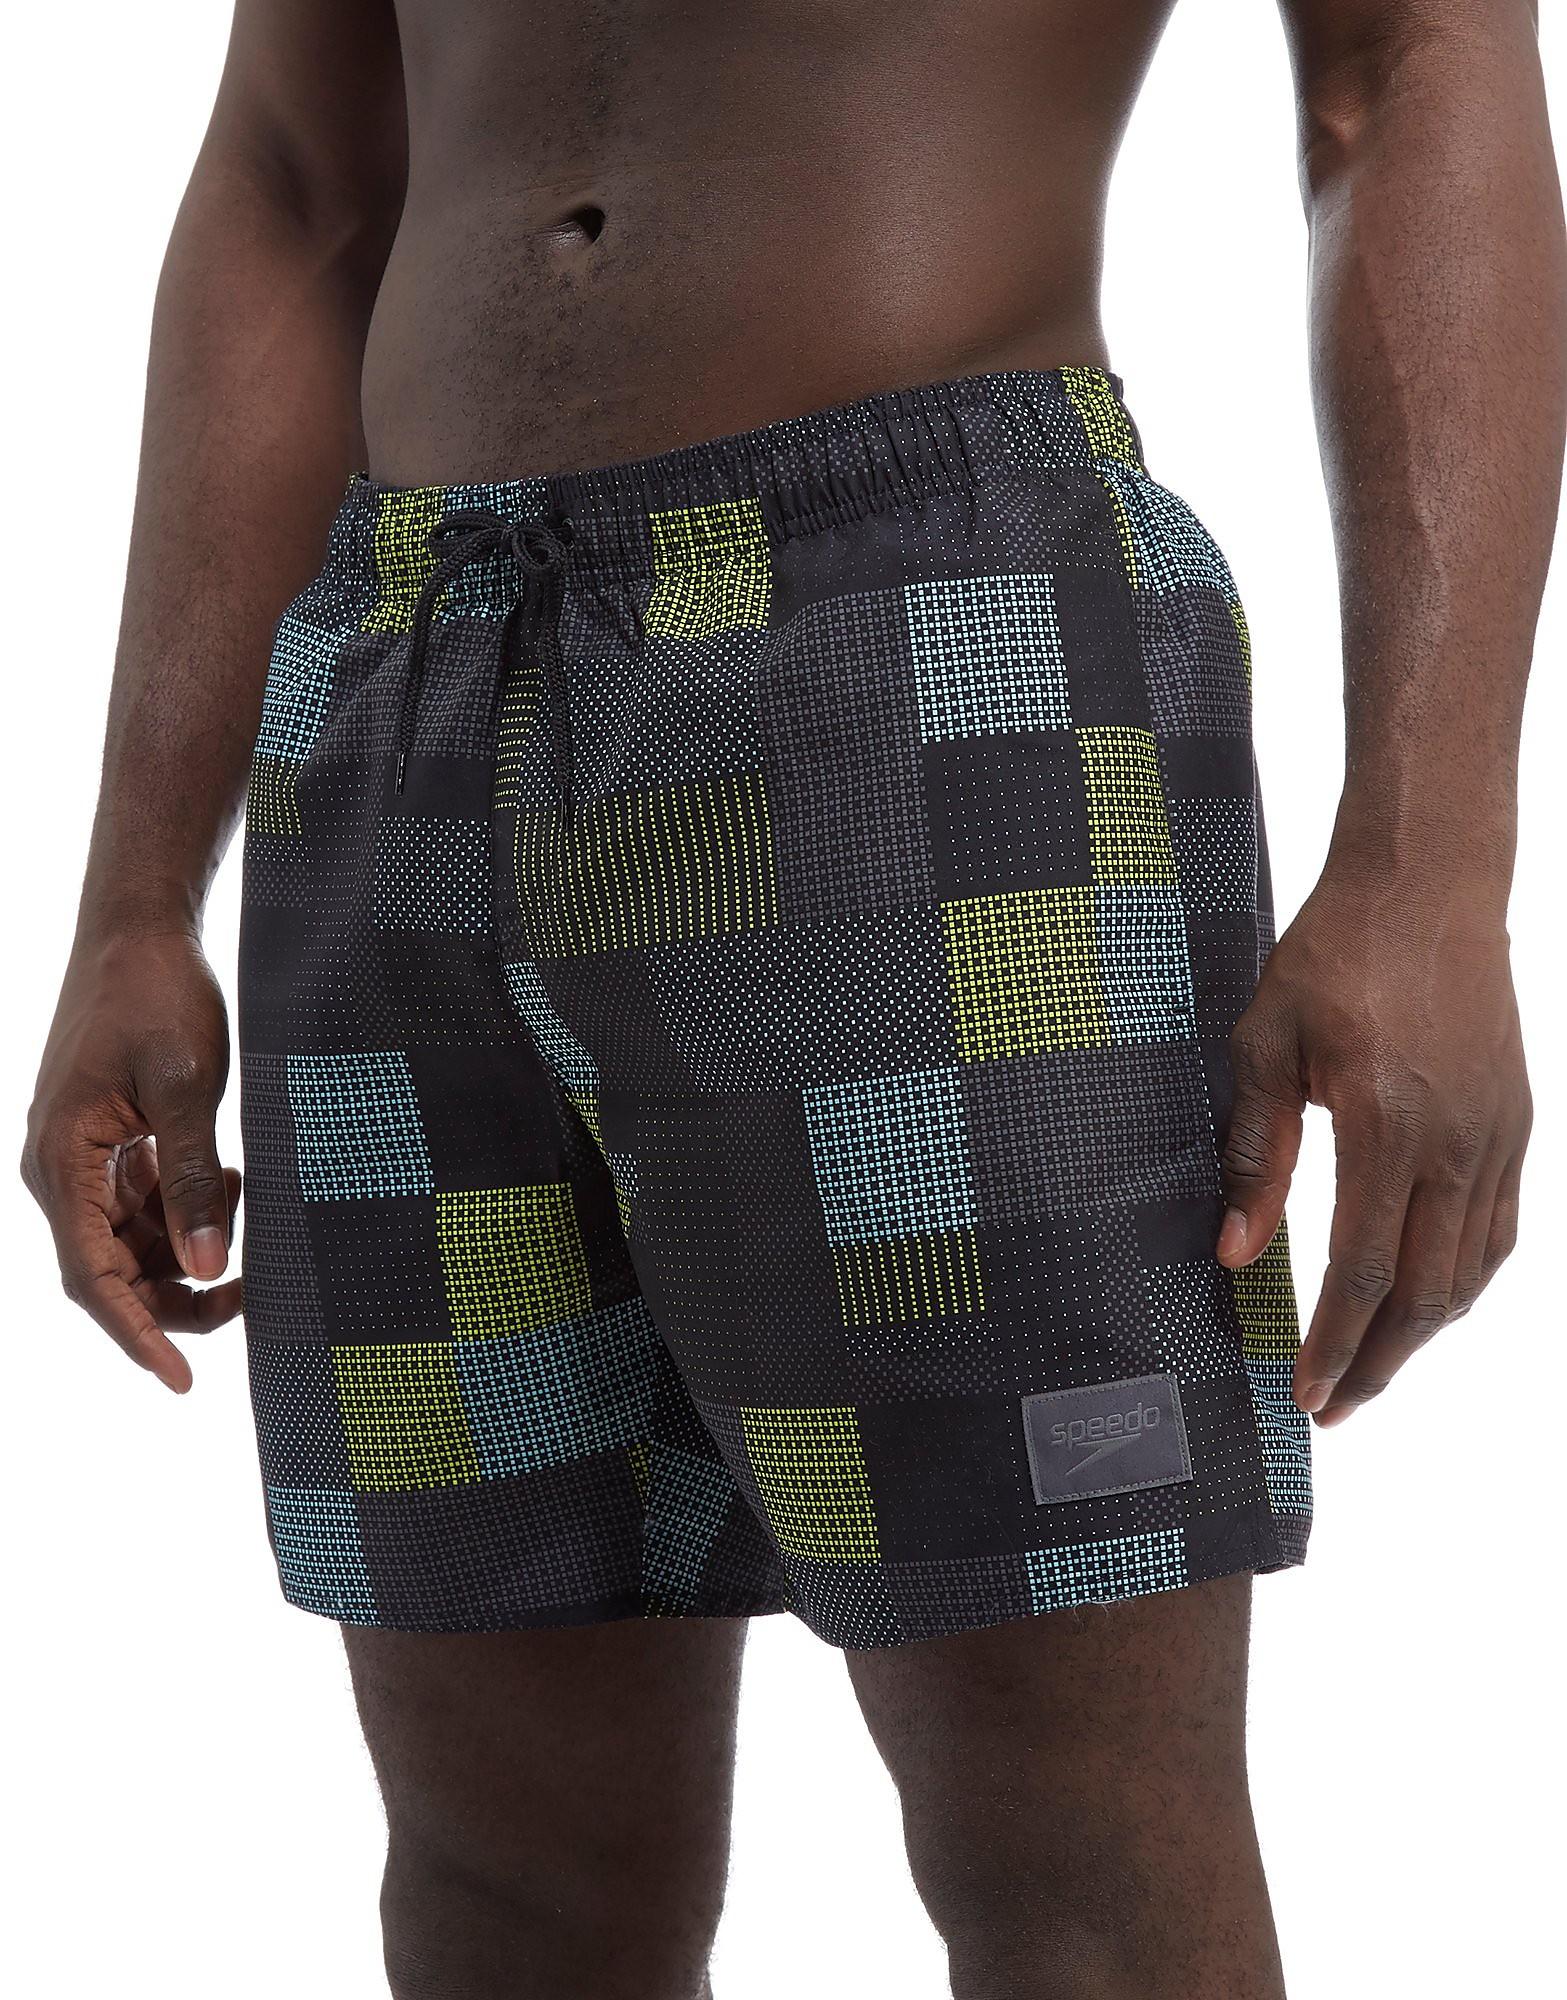 Speedo Printed Check Leisure Swim Shorts